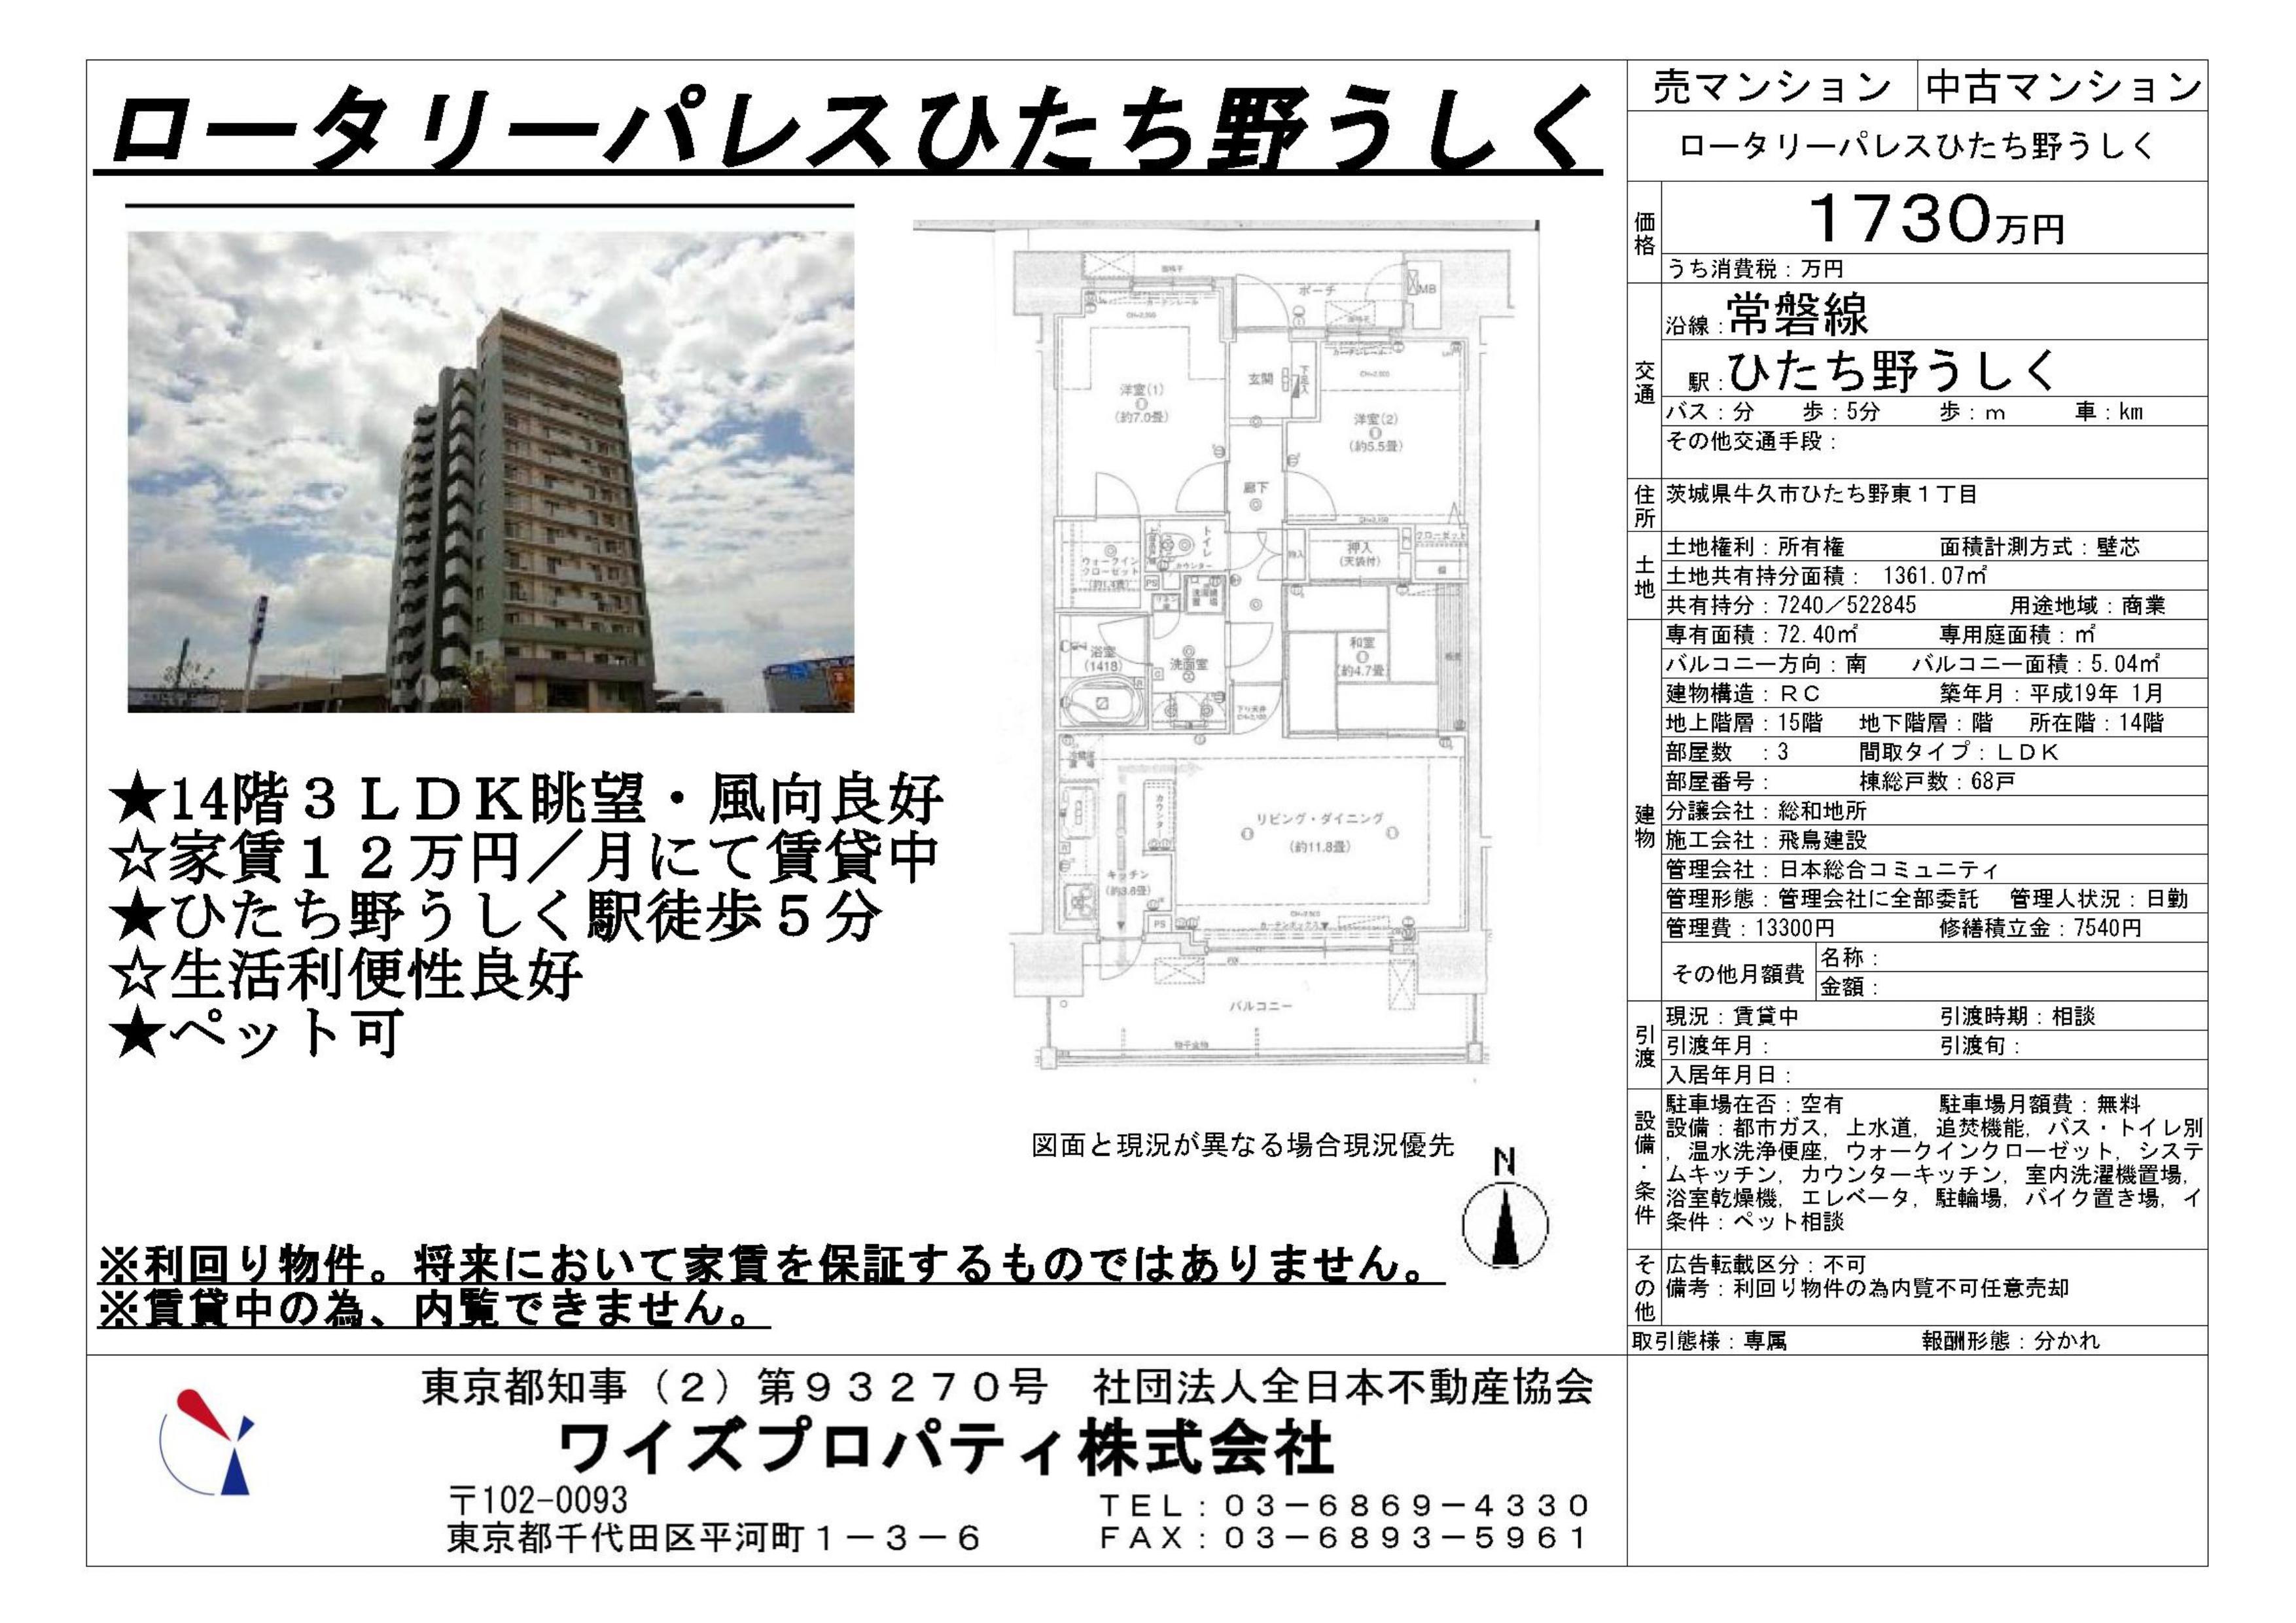 レインズ図面JPEG